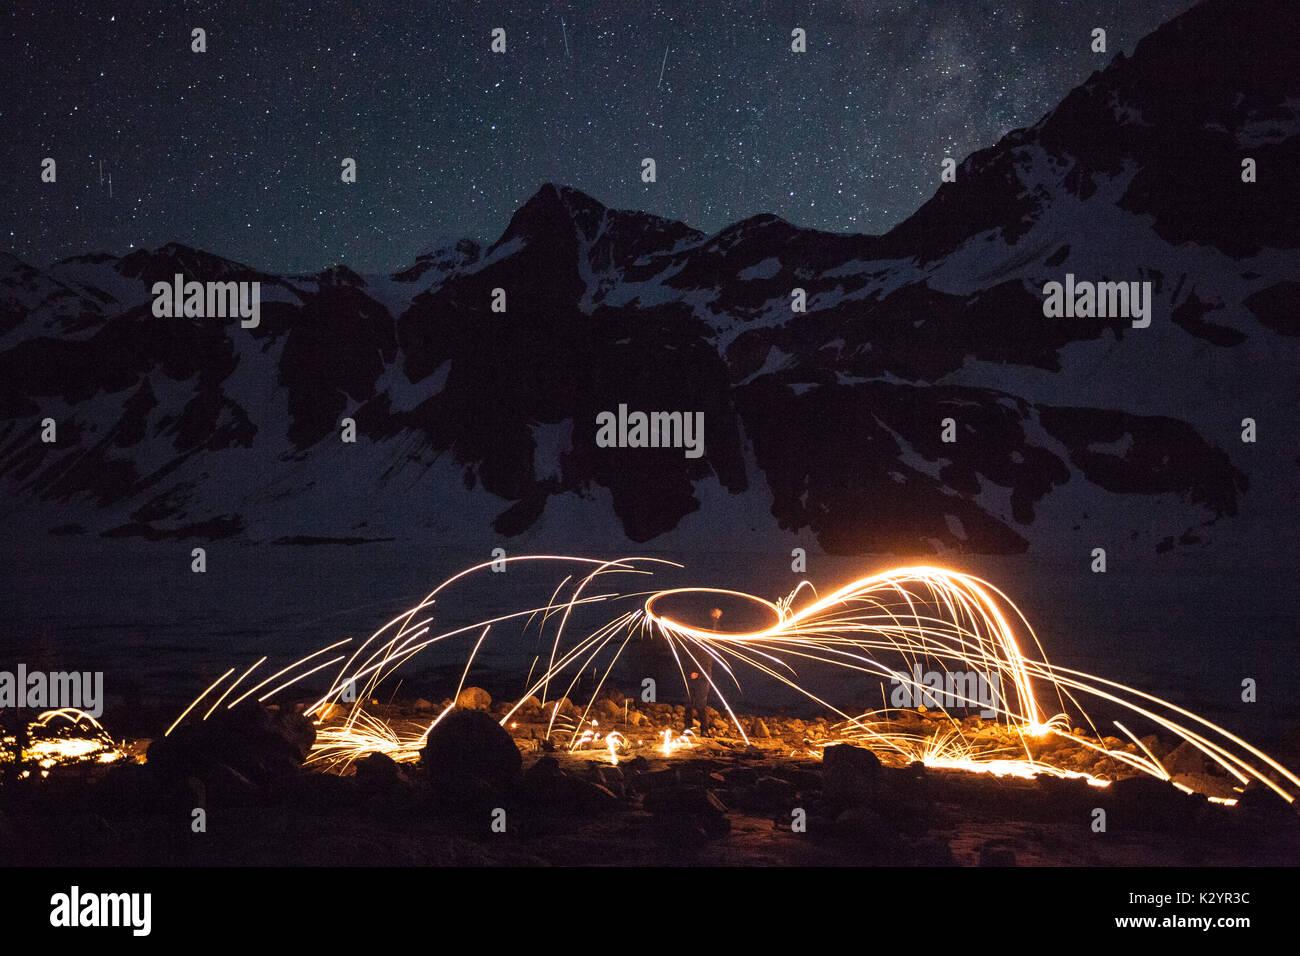 L'éclairage de nuit, le parc provincial Garibaldi, BC Photo Stock